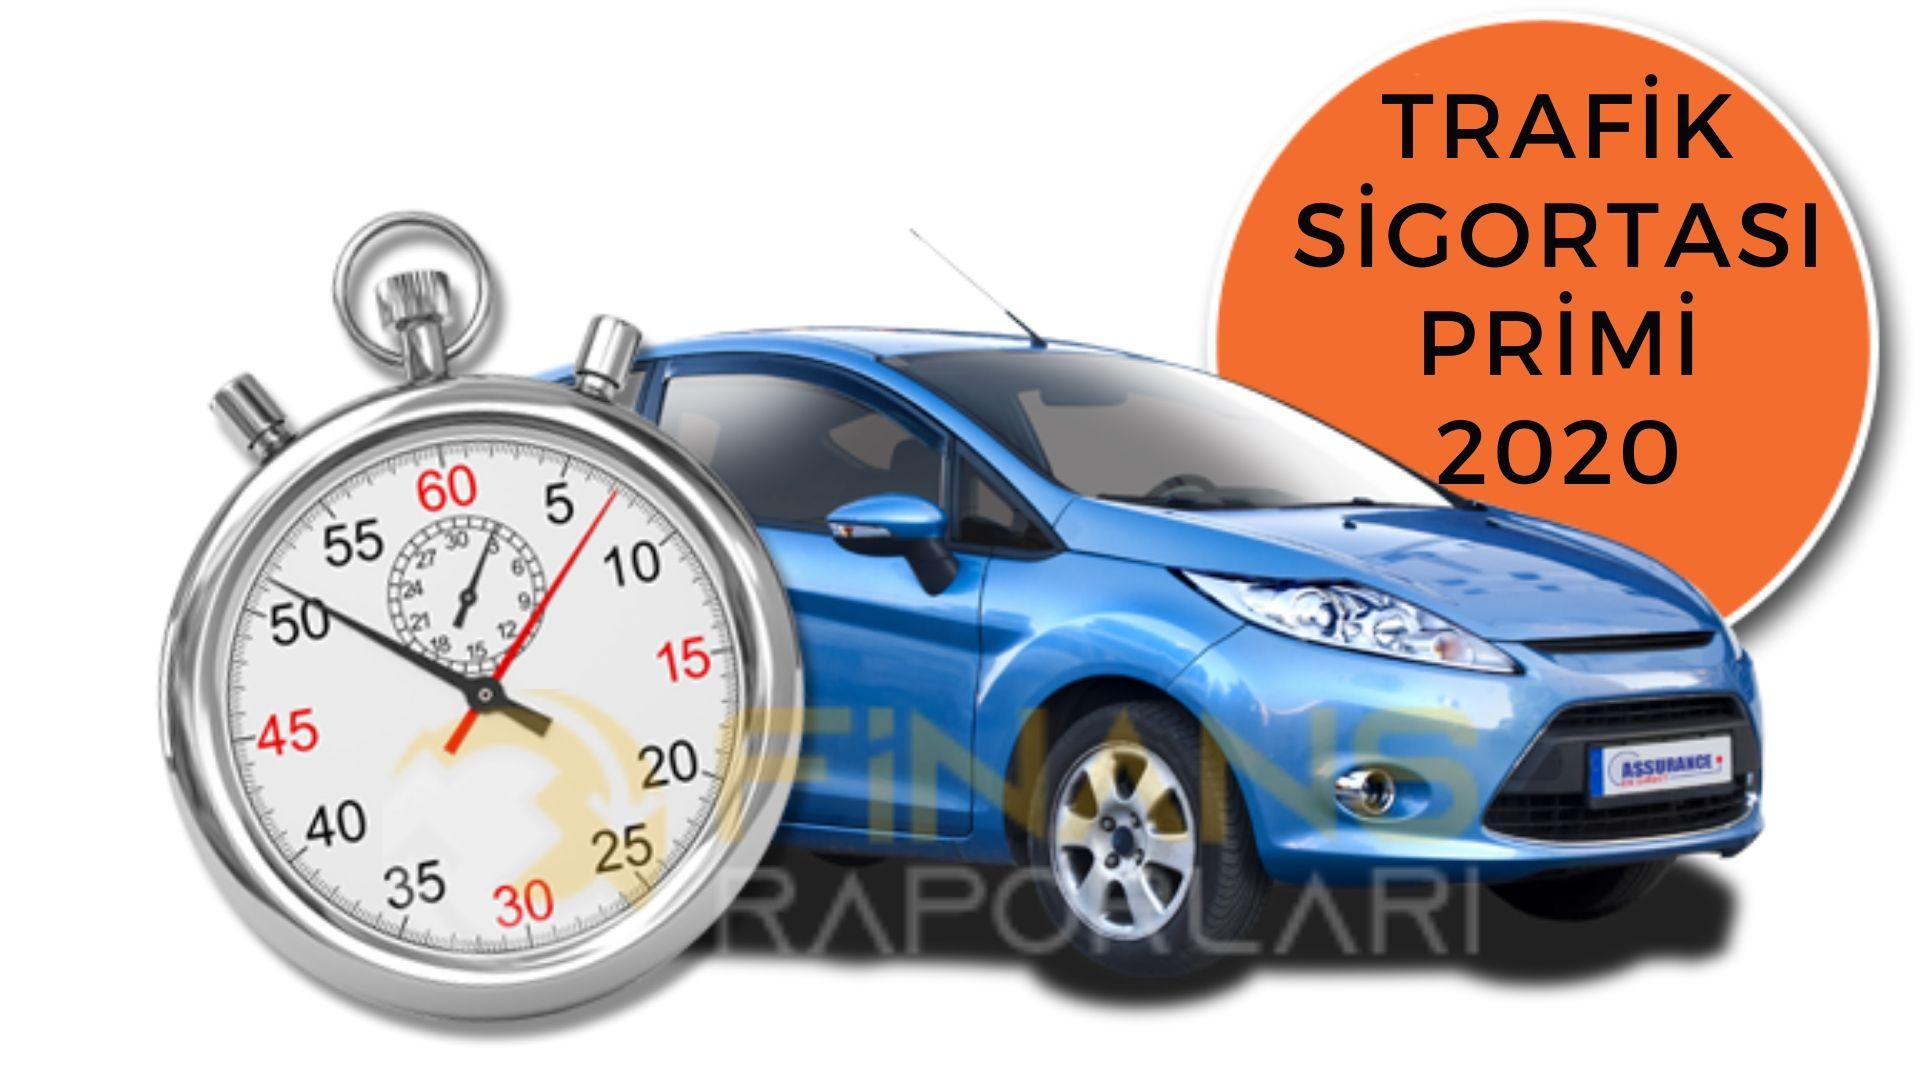 Trafik Sigortası Primi